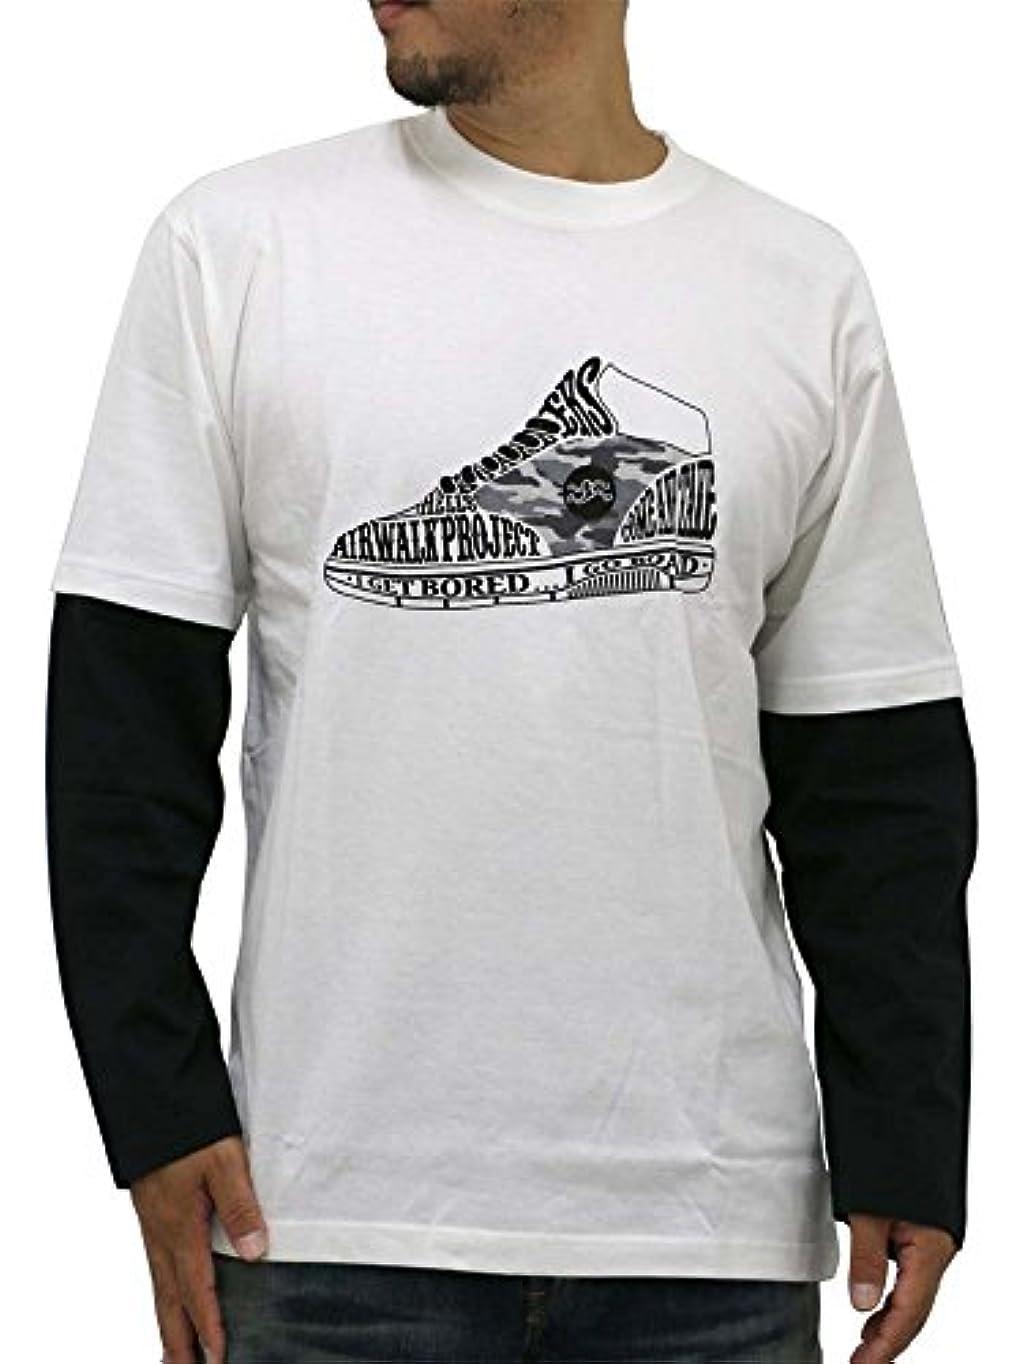 測定空白地下室[エアウォーク] 大きいサイズ メンズ Tシャツ ブランド 長袖 ロンT シューズプリント フェイクレイヤード